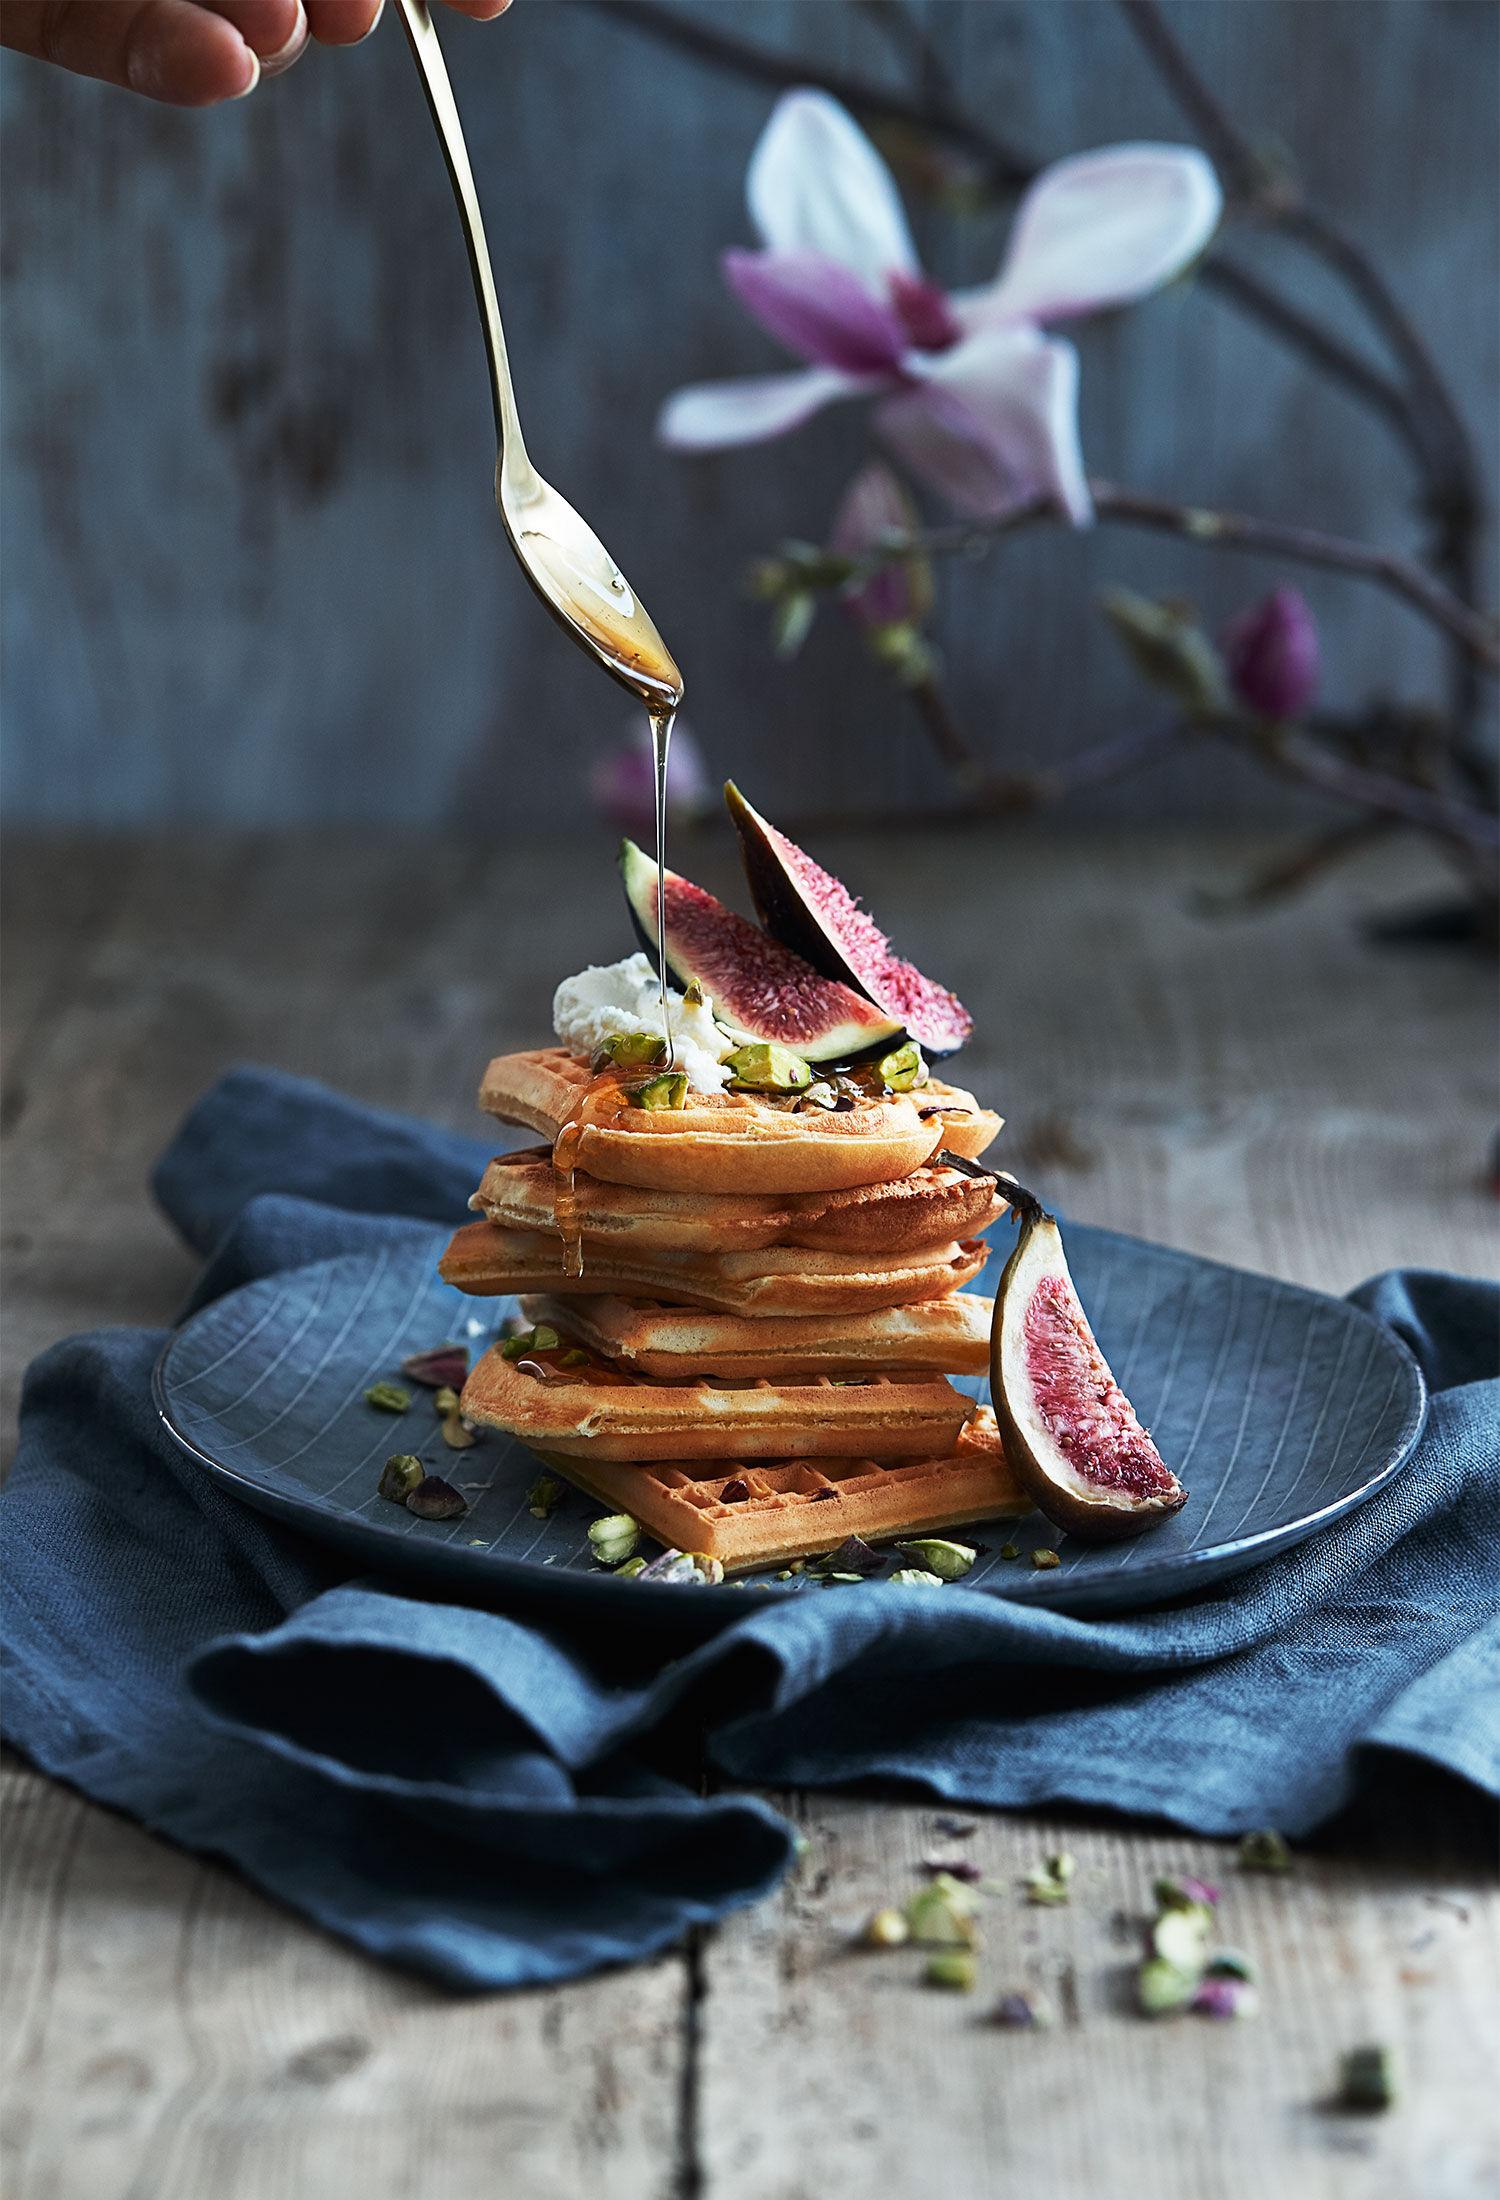 Våfflor med fikon, mascarpone, pistagenötter och honung